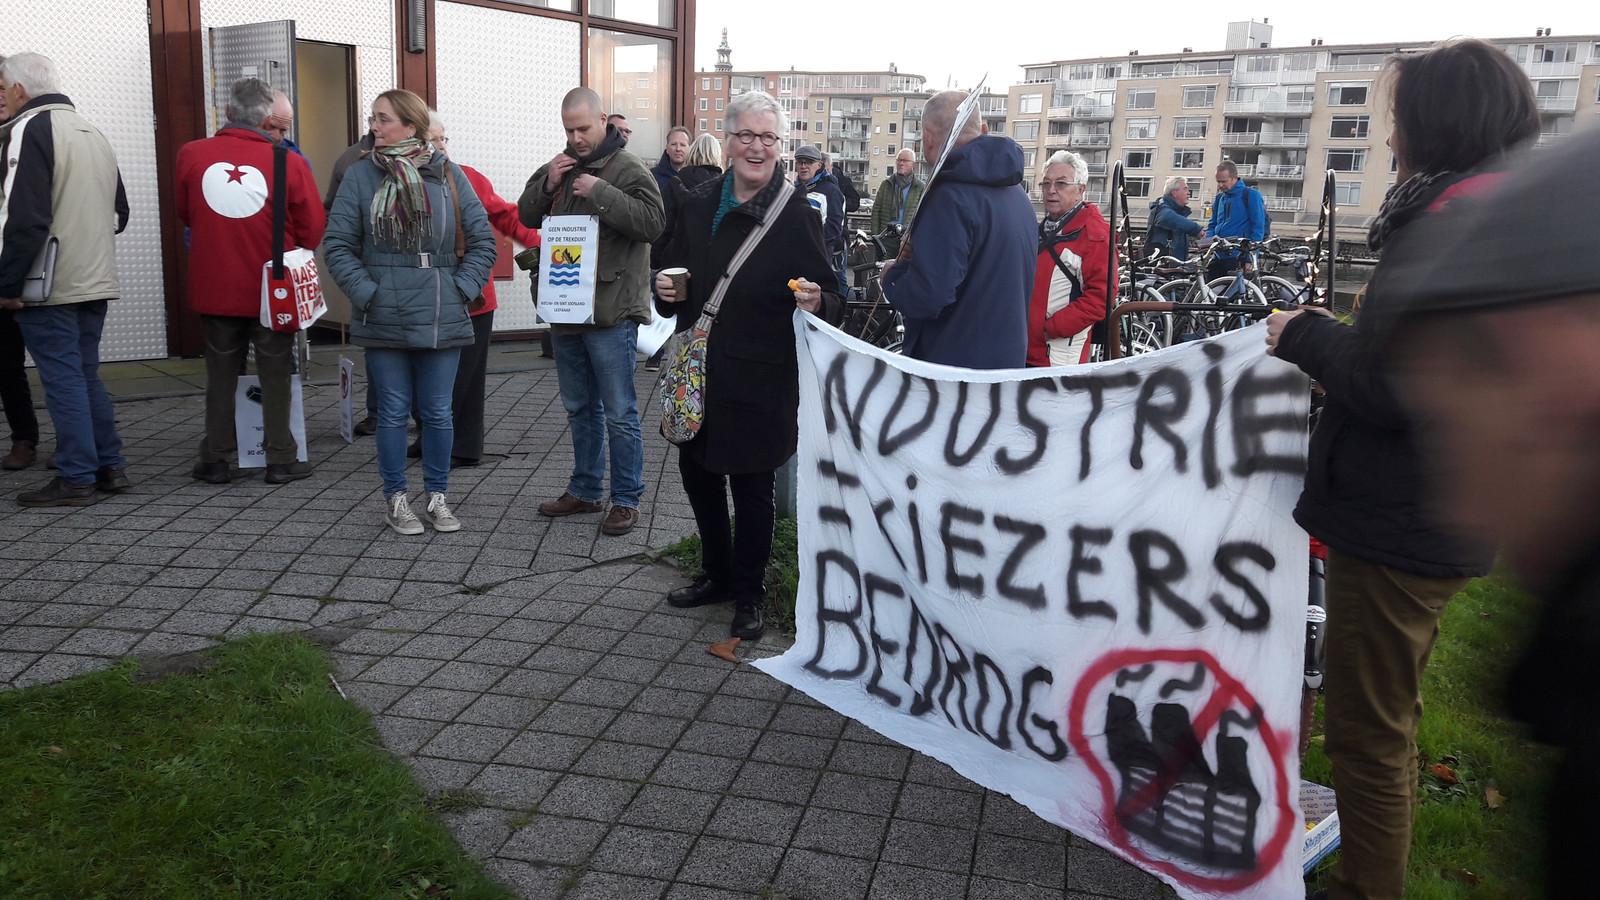 Inwoners van Nieuw- en Sint Joosland protesteren al jaren tegen de mogelijke komst van logistieke en andere bedrijven net buiten hun dorp aan de Trekdijk.